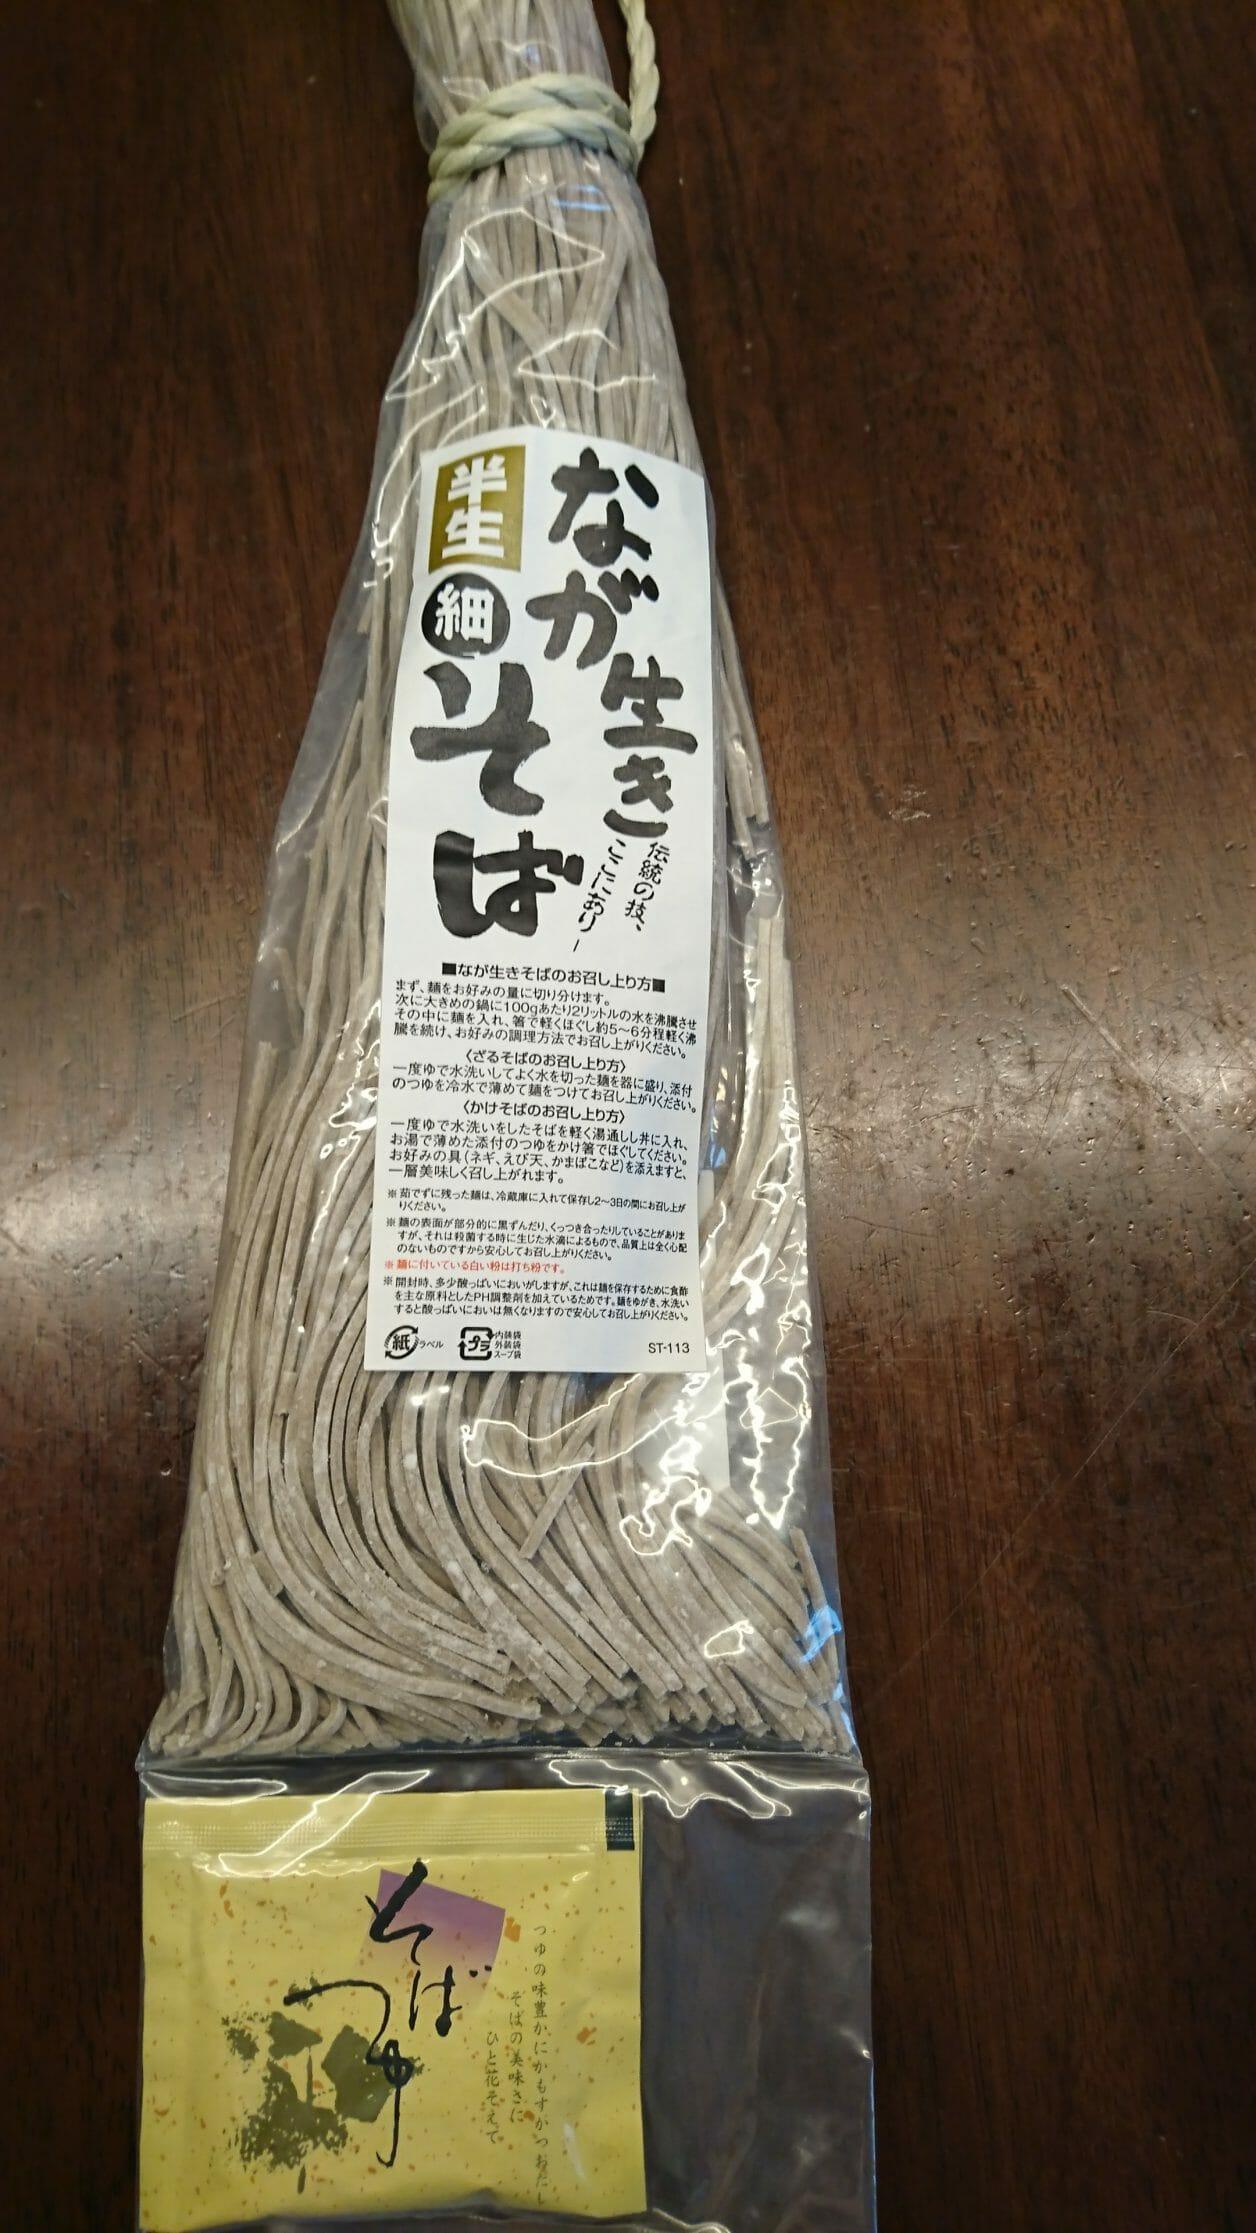 多賀大社の表参道絵馬通りにある莚寿堂の長生き蕎麦